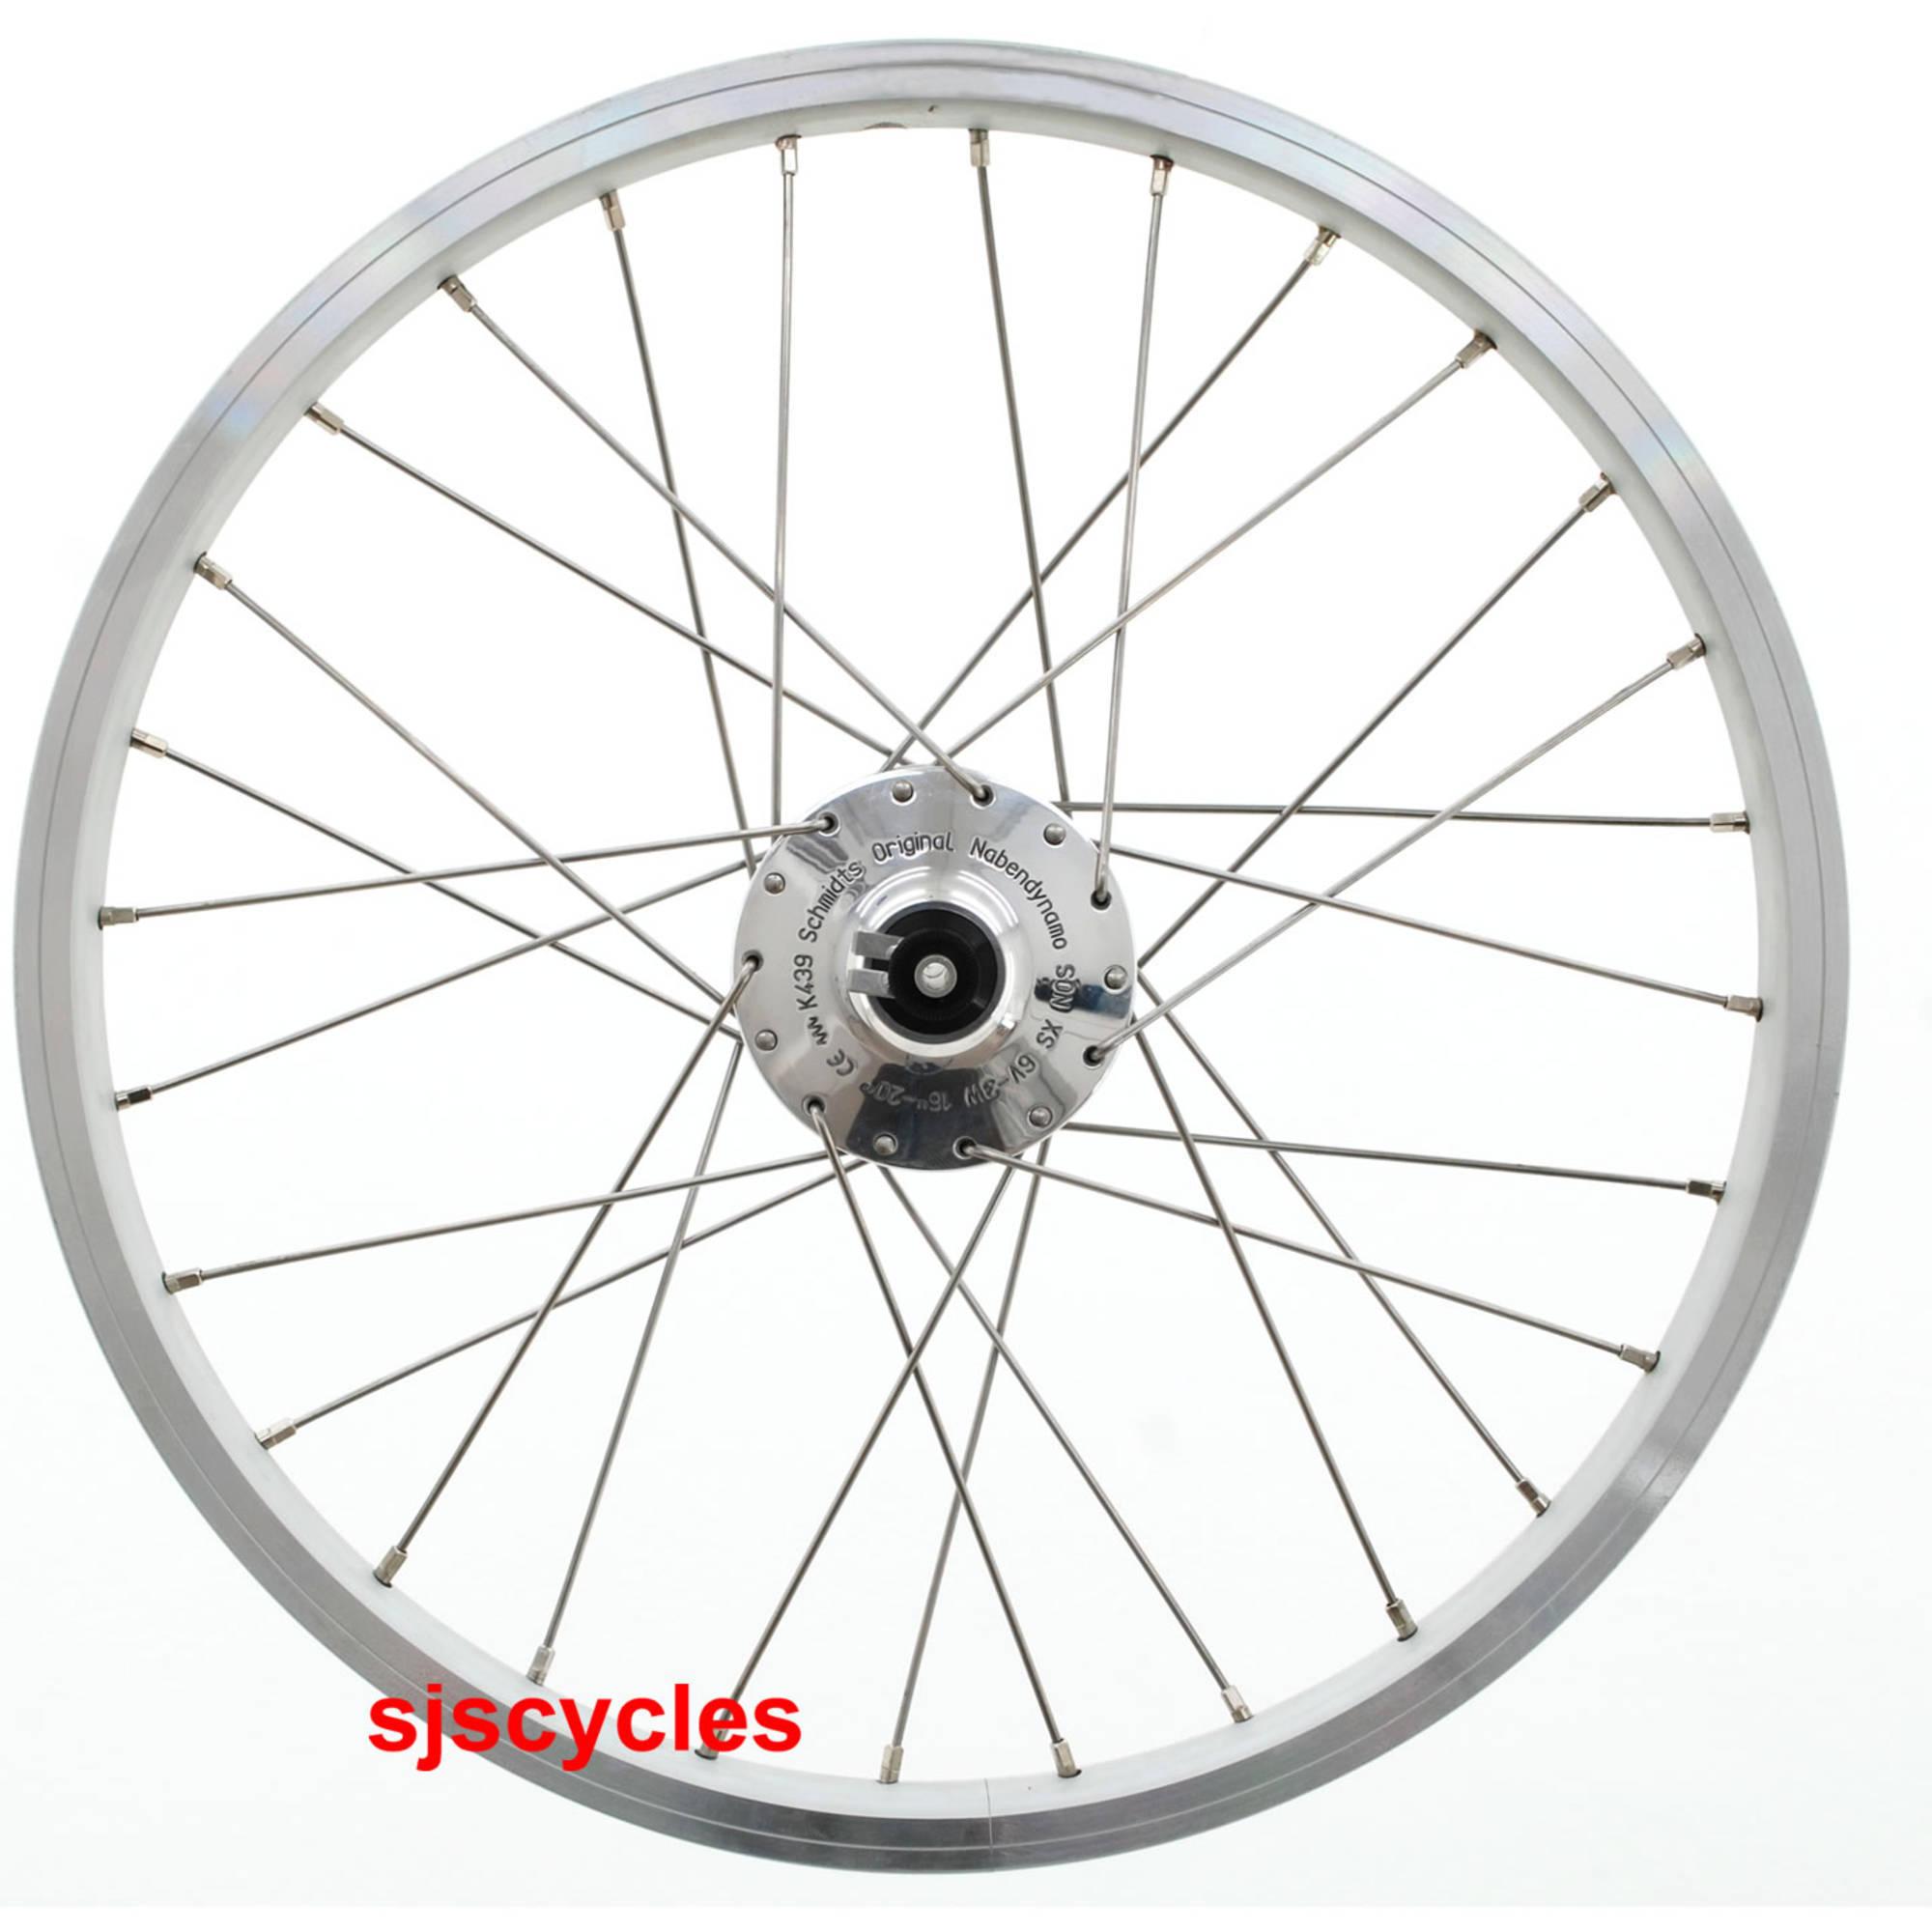 Jante et rayon : améliorer les roues du Brompton - Page 2 20943